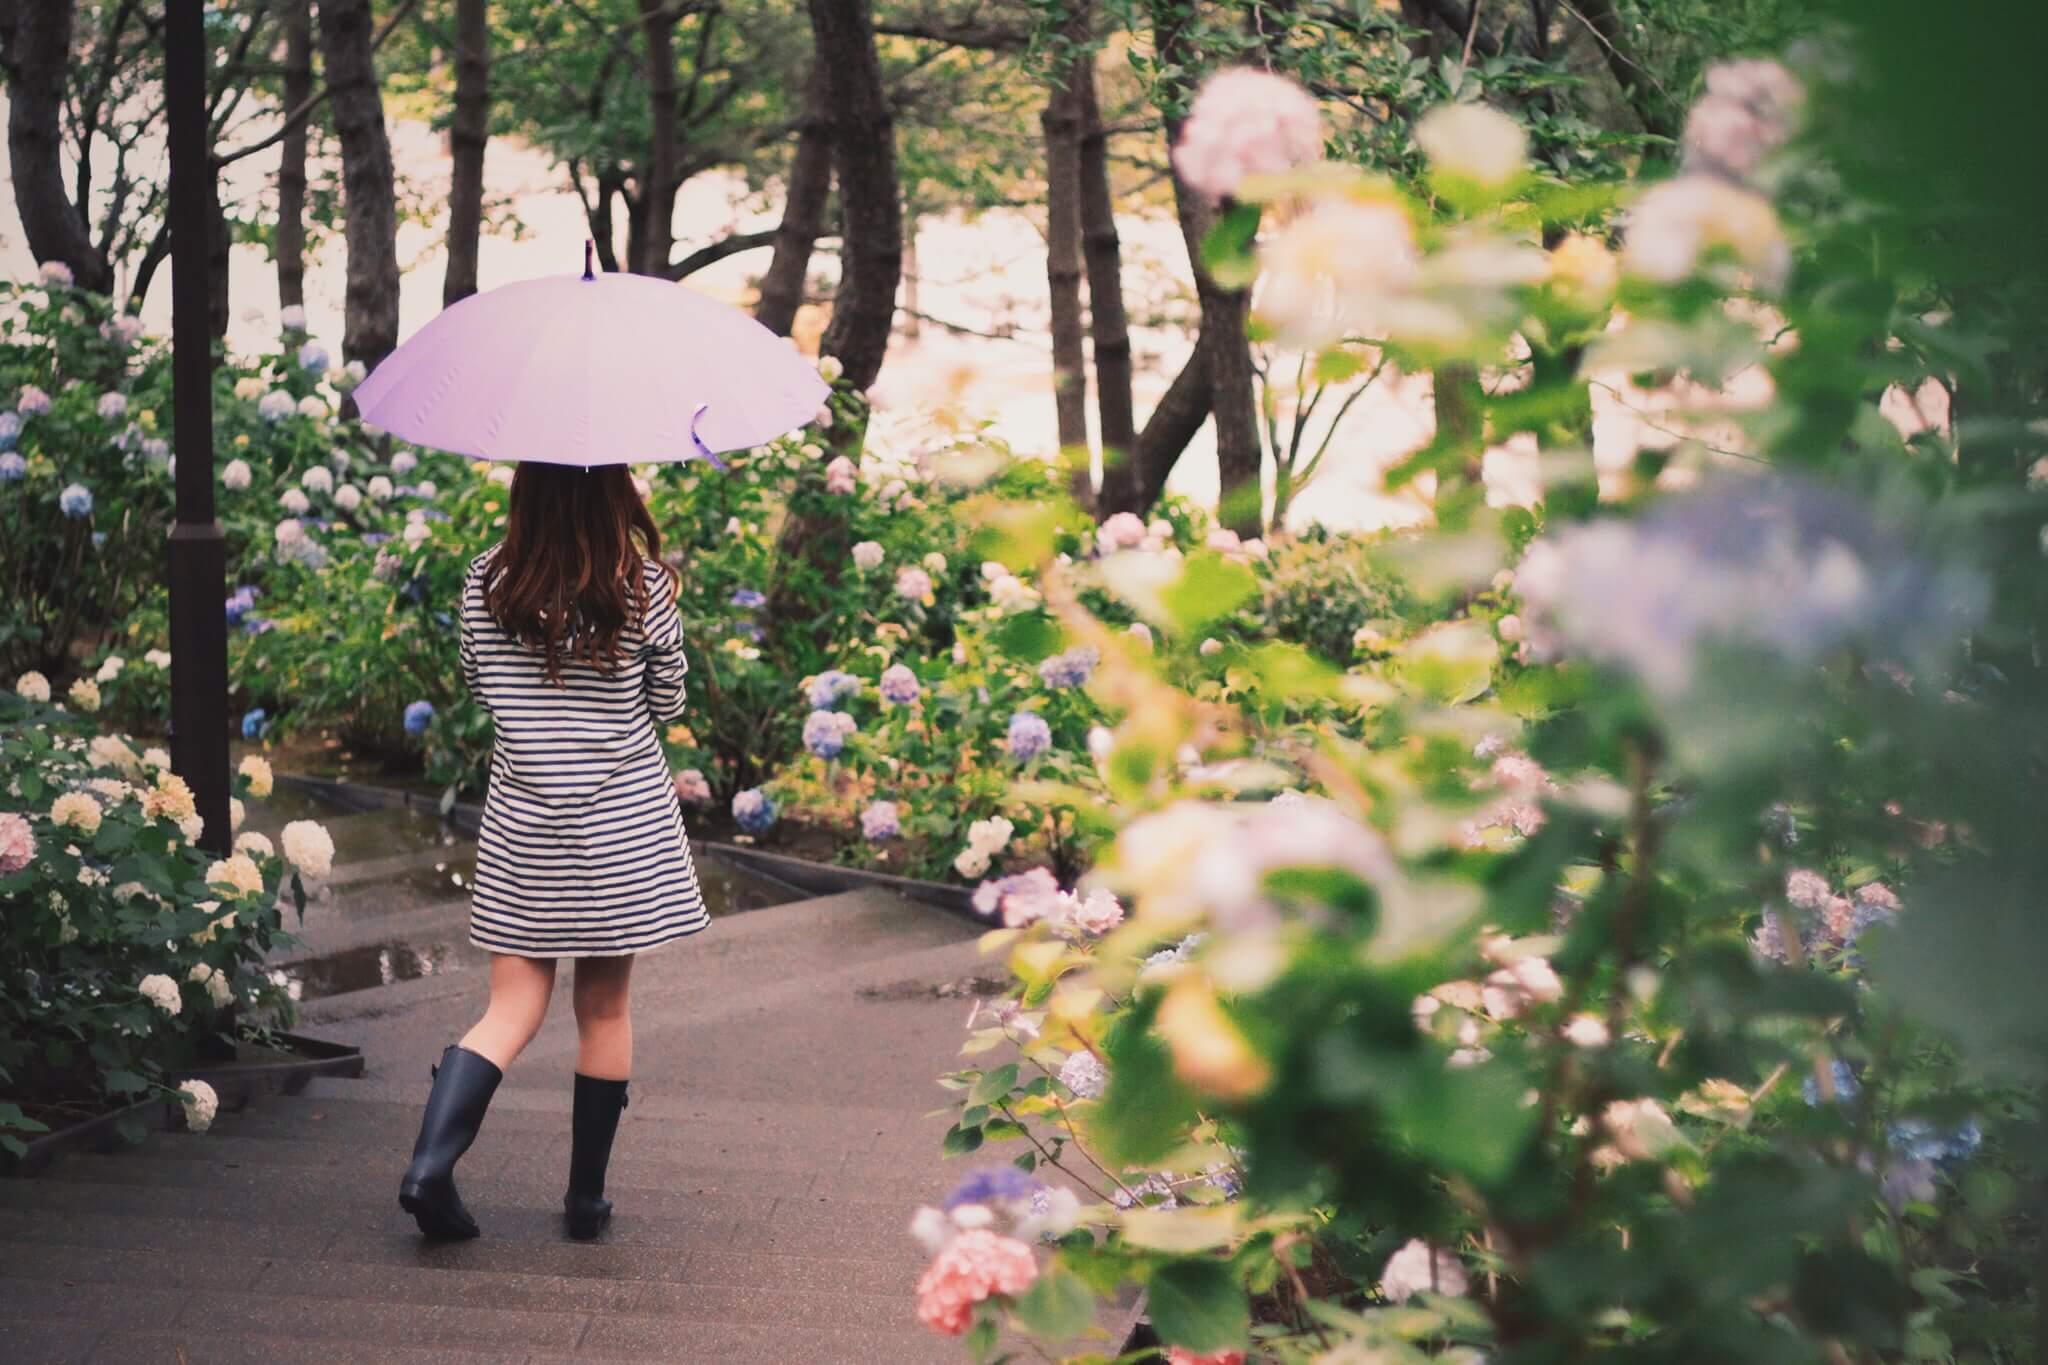 raingarl